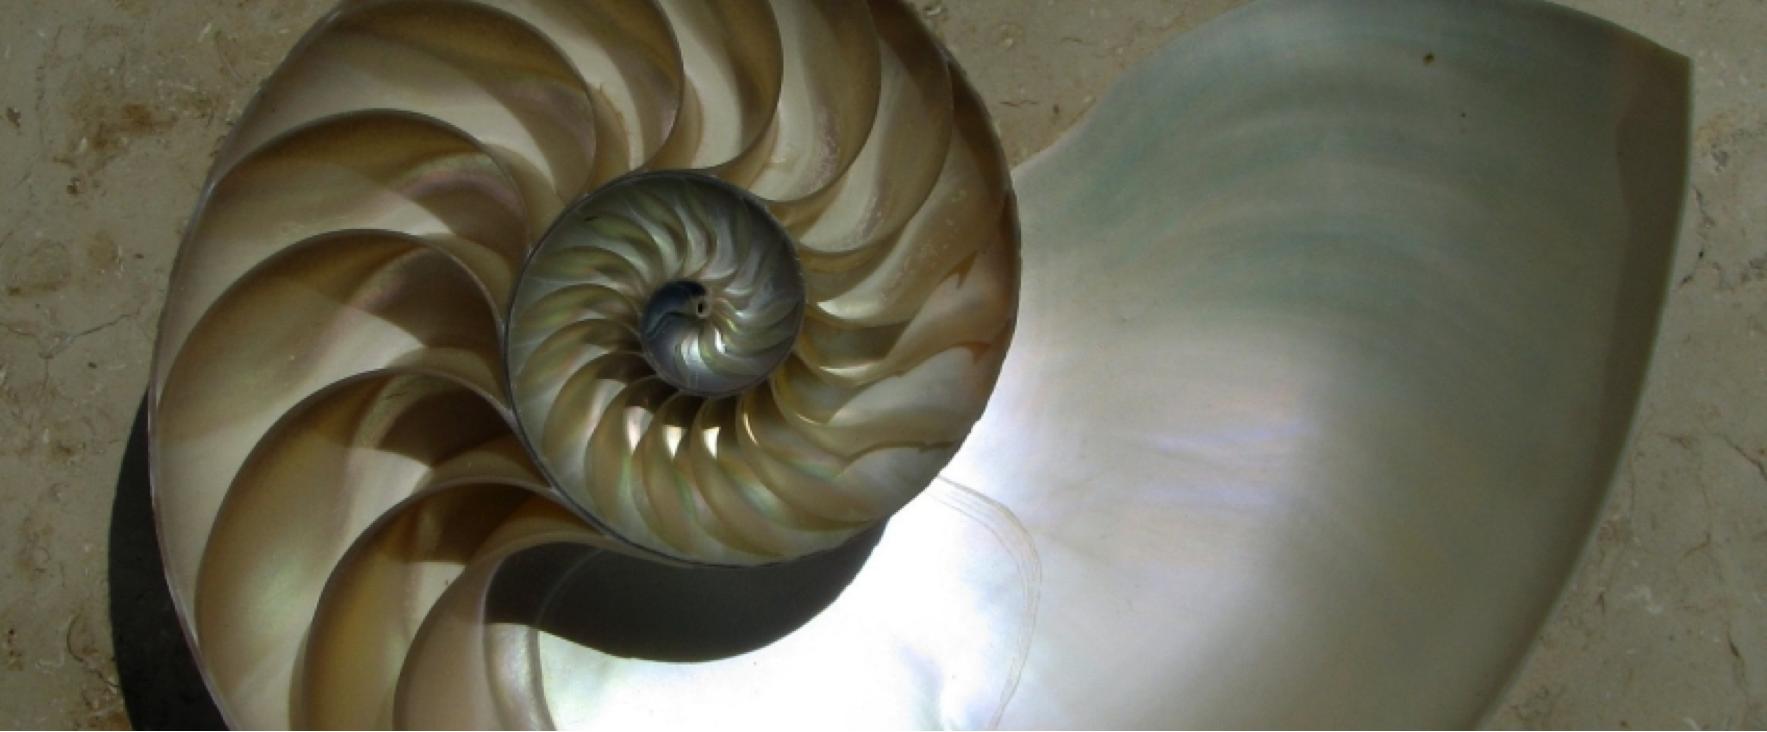 Beschreibung: http://quer-denken.tv/images/Nautilus_Chris_wiki.jpg